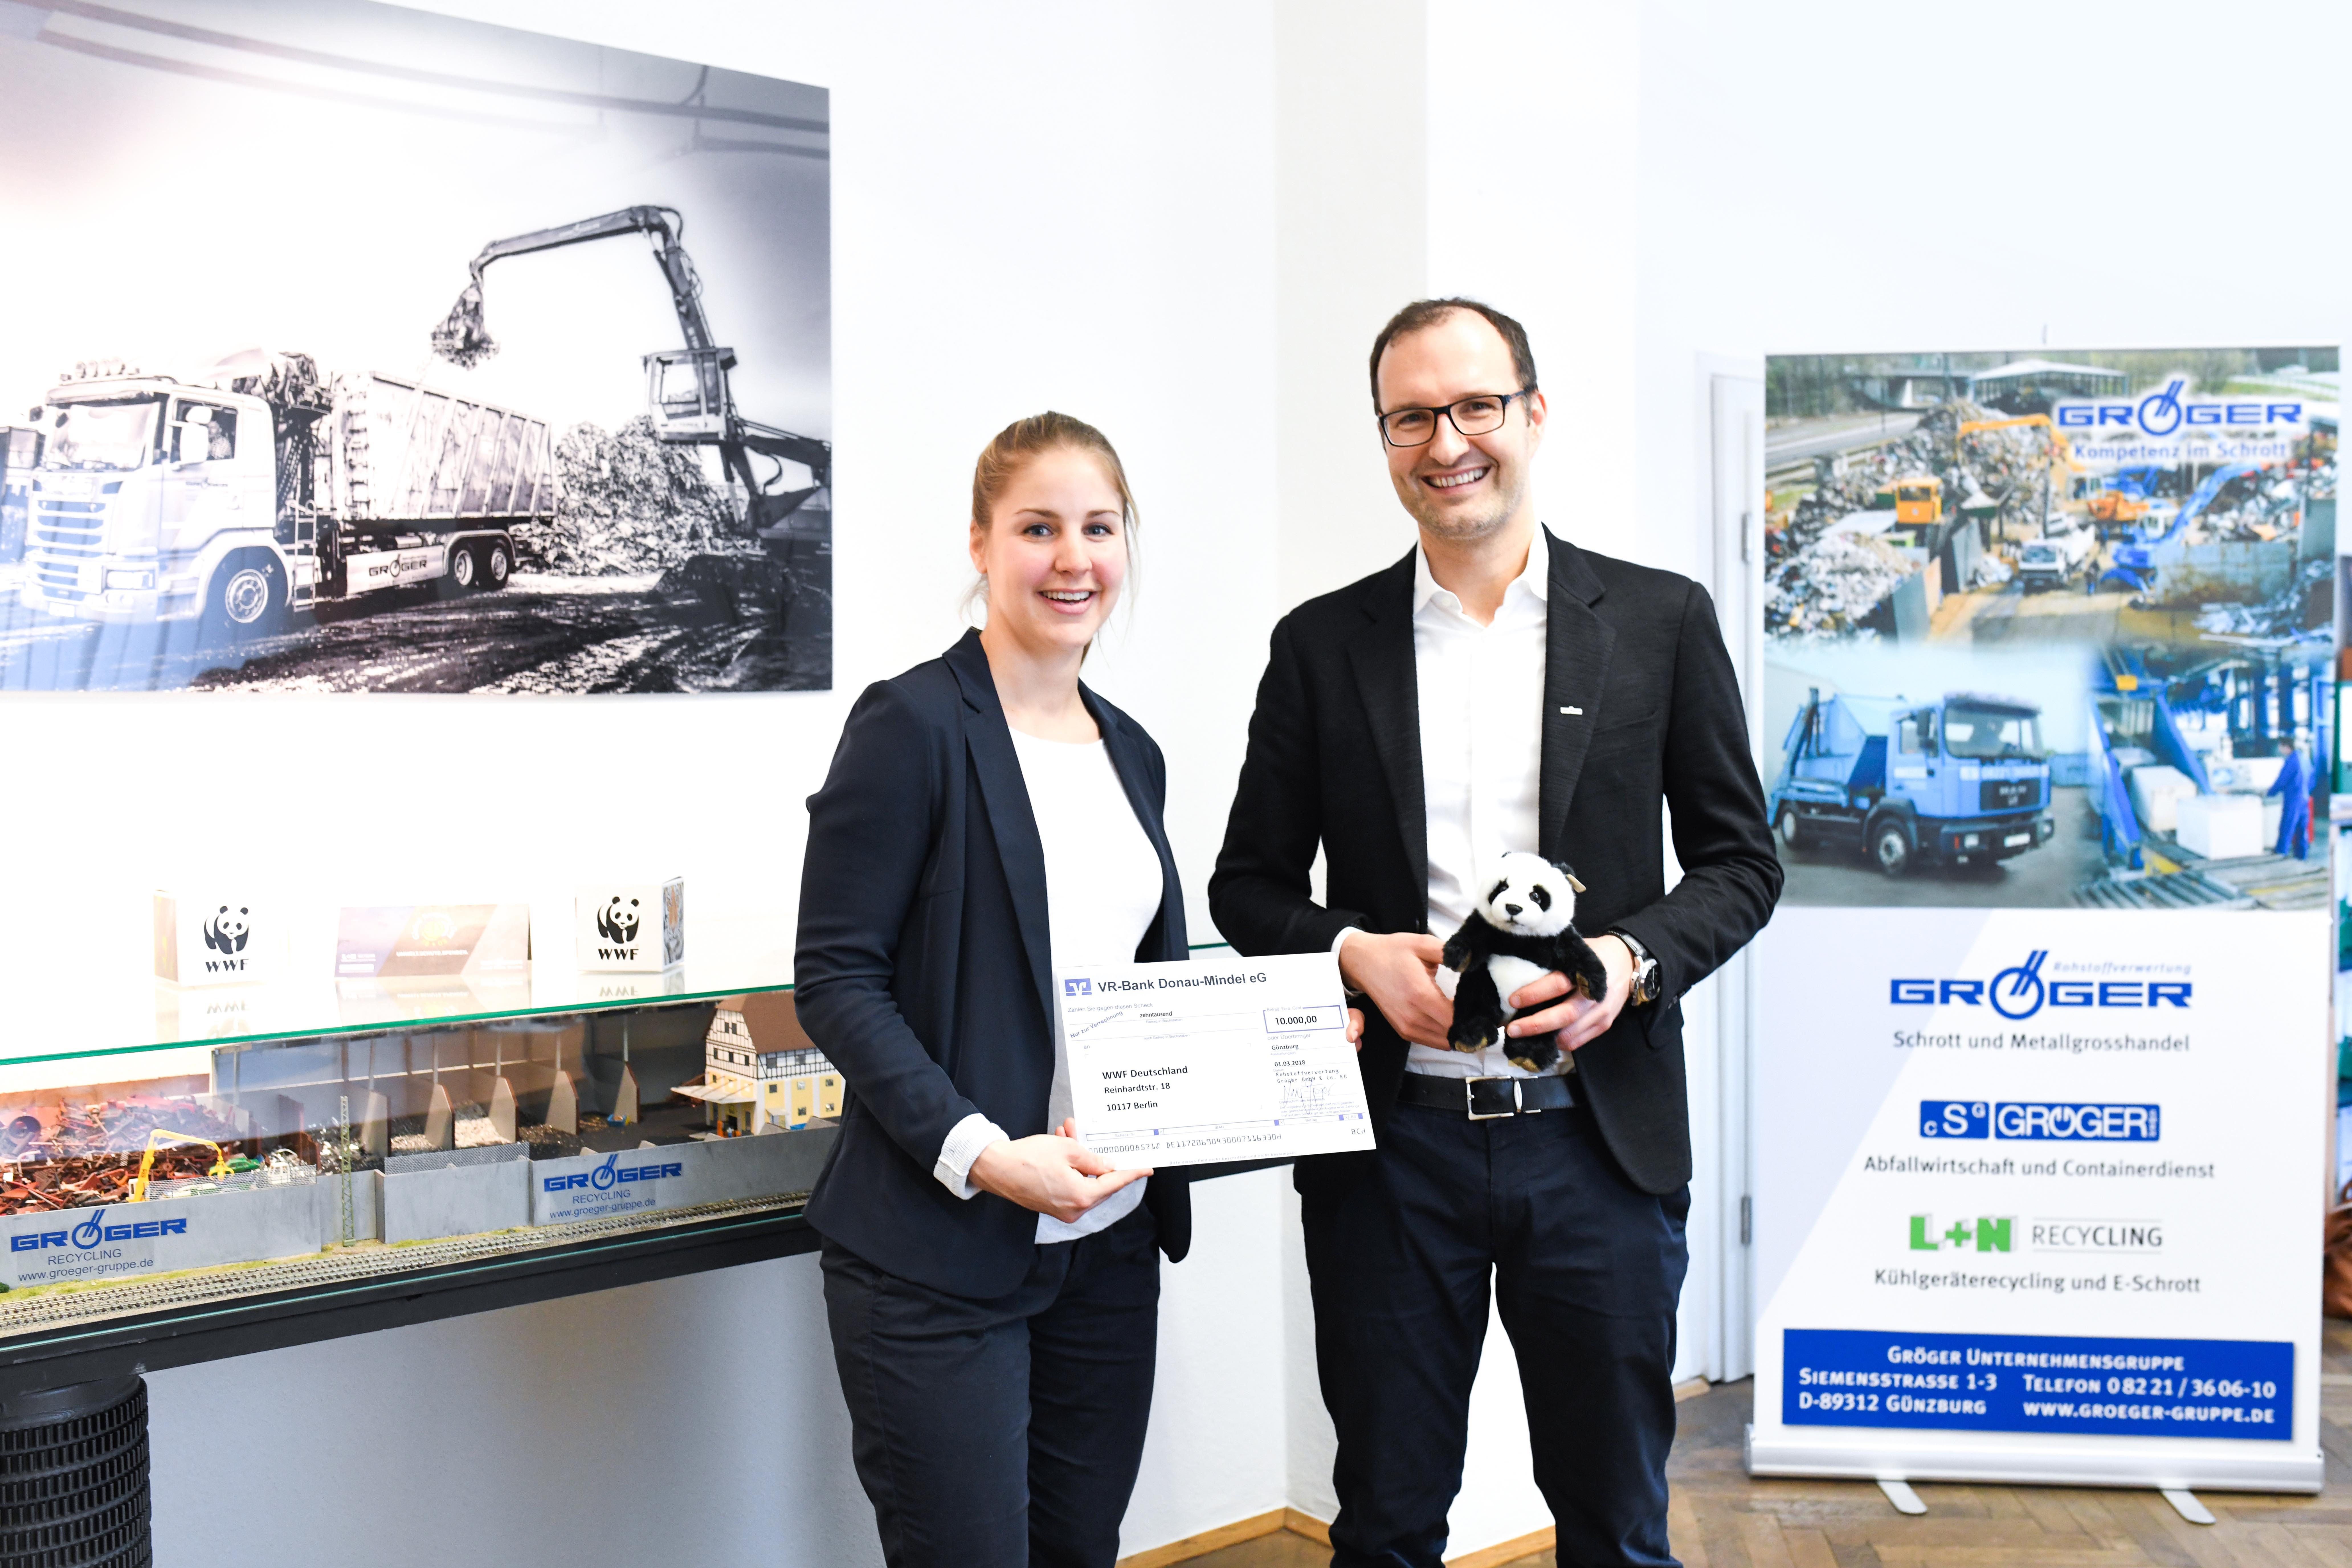 v. l. Anna Zorbach (WWF), Lars Gröger (Geschäftsführer Rohstoffverwertung Gröger) Foto: Rohstoffverwertung Gröger GmbH & Co. KG